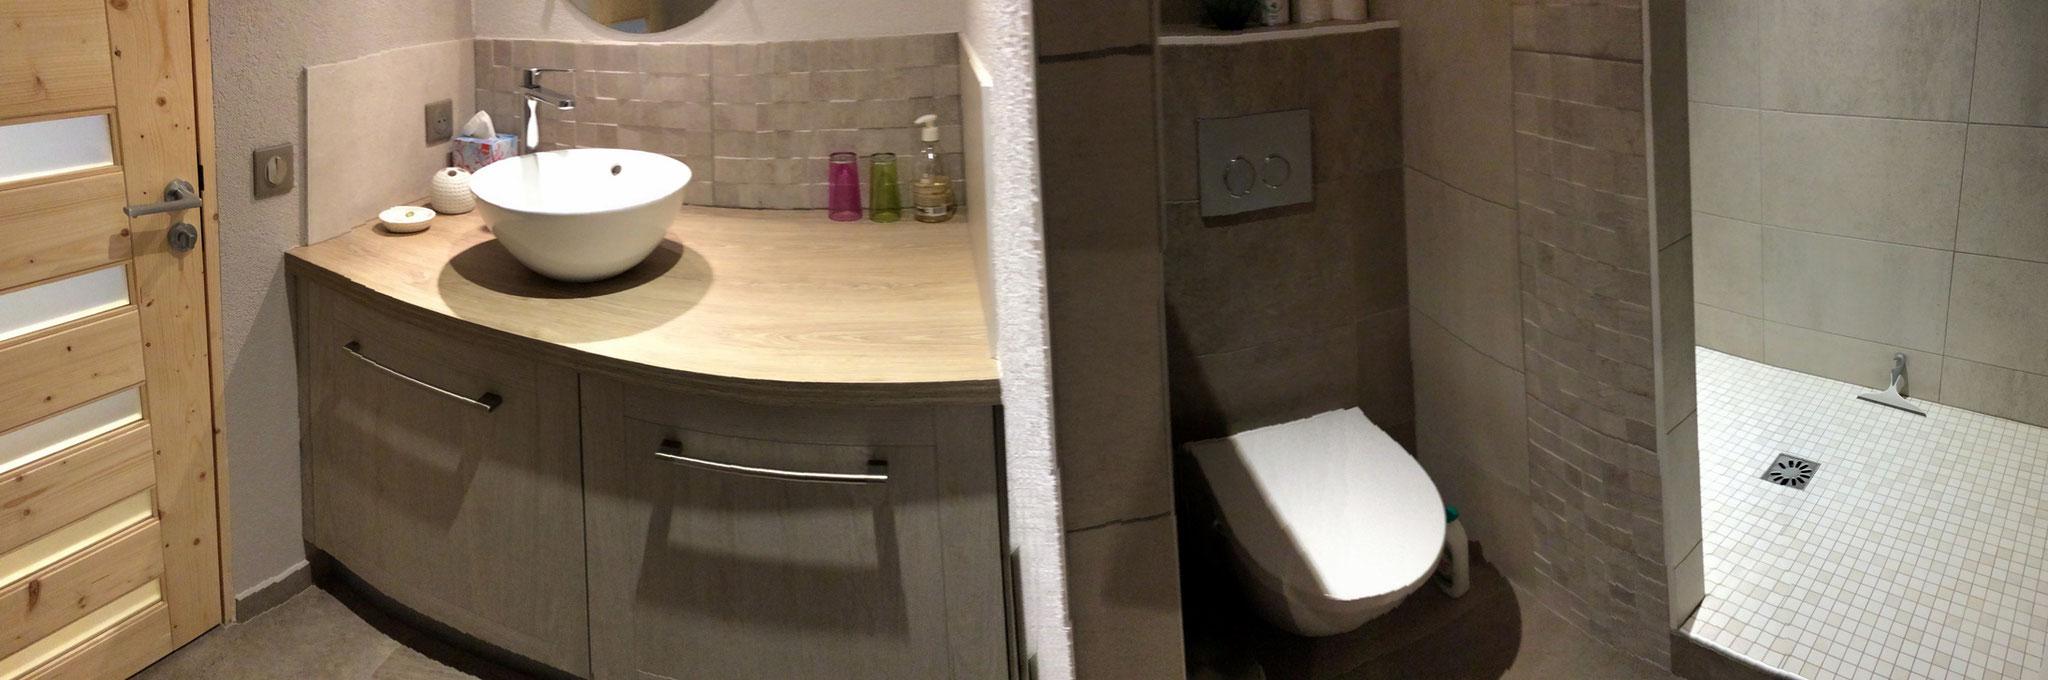 Appréciez la grande douche à l'italienne (80 x 140 cm)